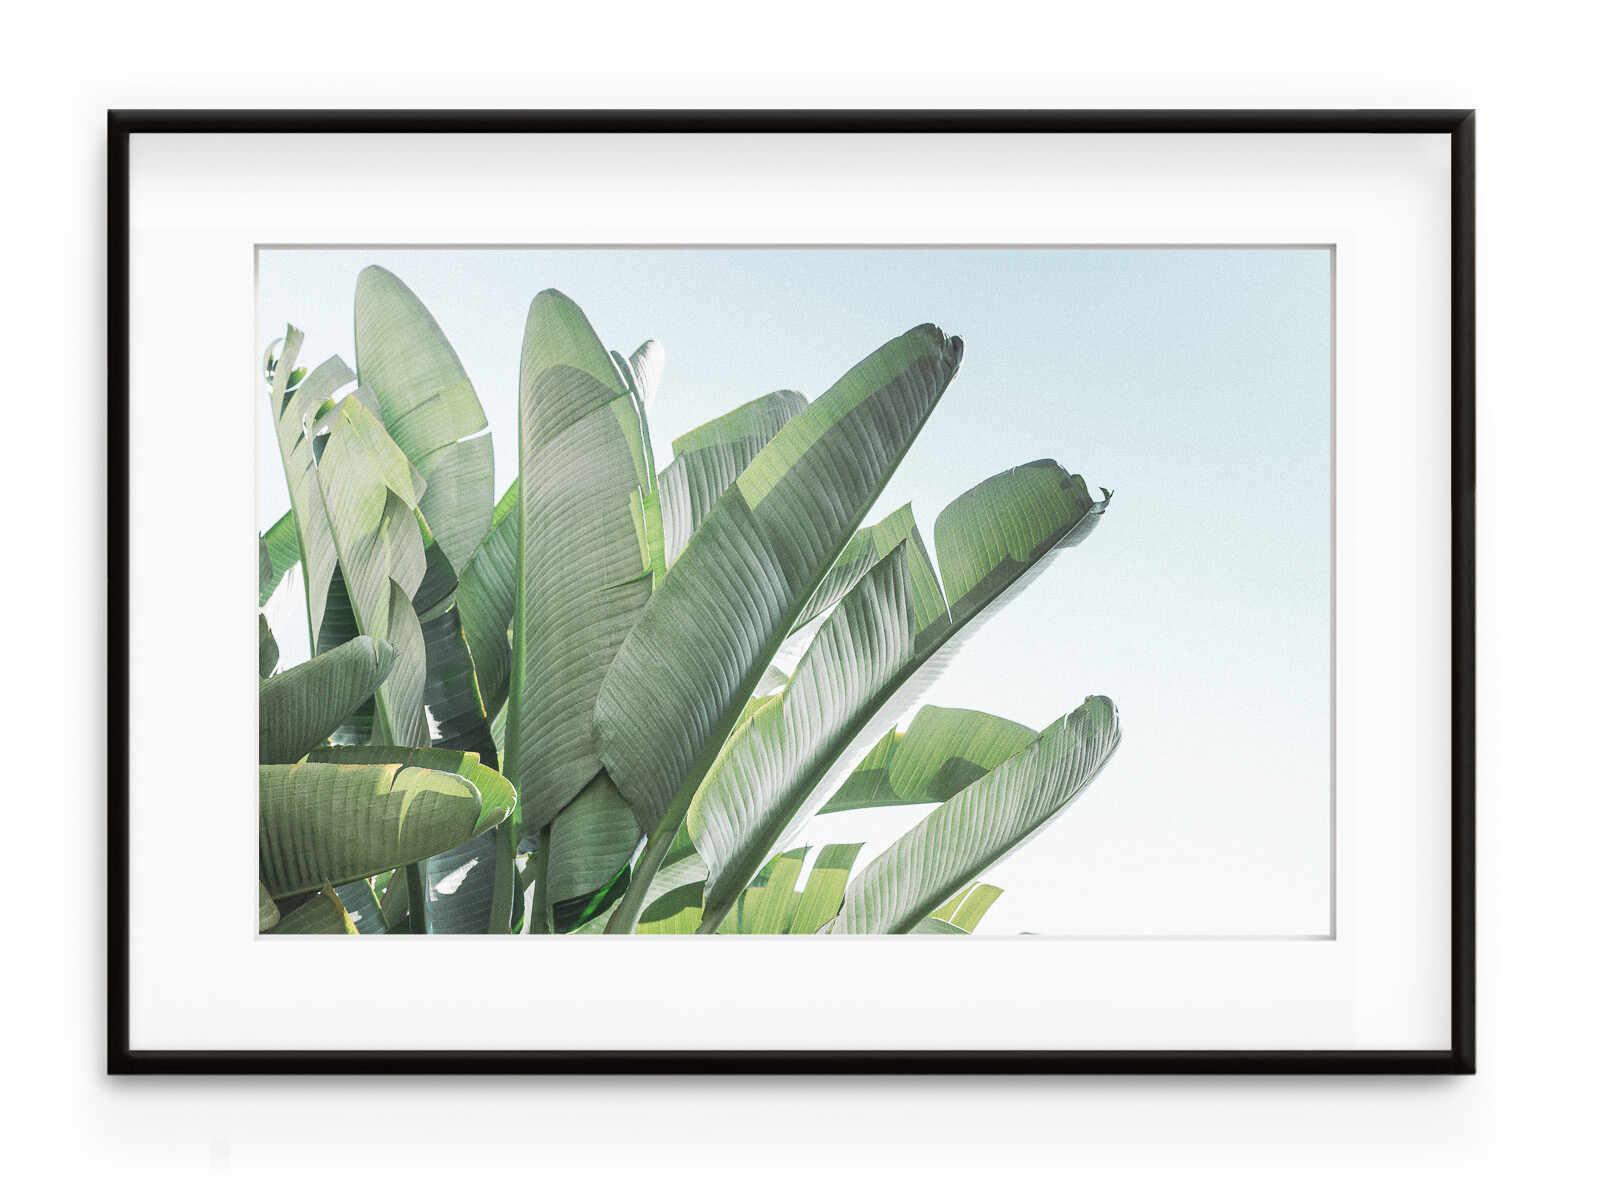 Tablou Banana Leaves II Aluminium Noir la pret 387 lei